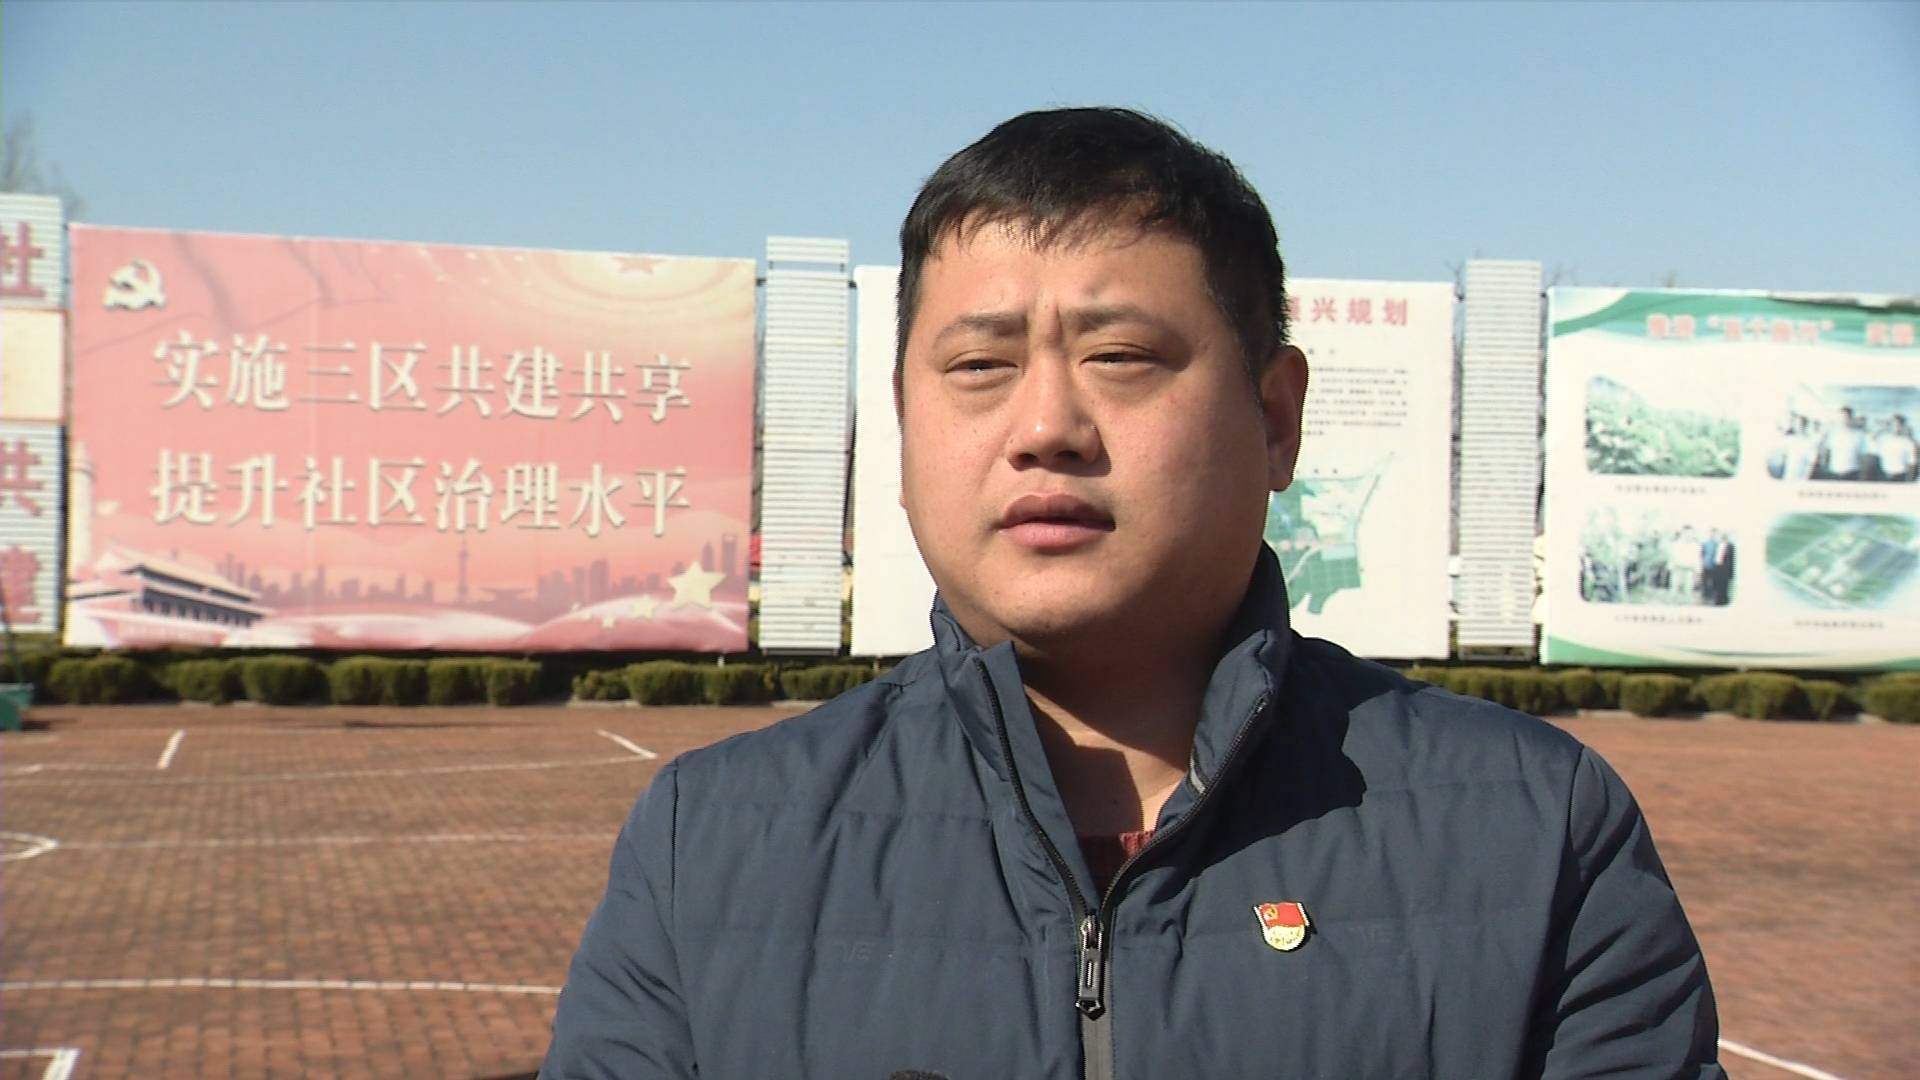 启航新征程|潍坊诸城:共建生态家园 推进乡村振兴